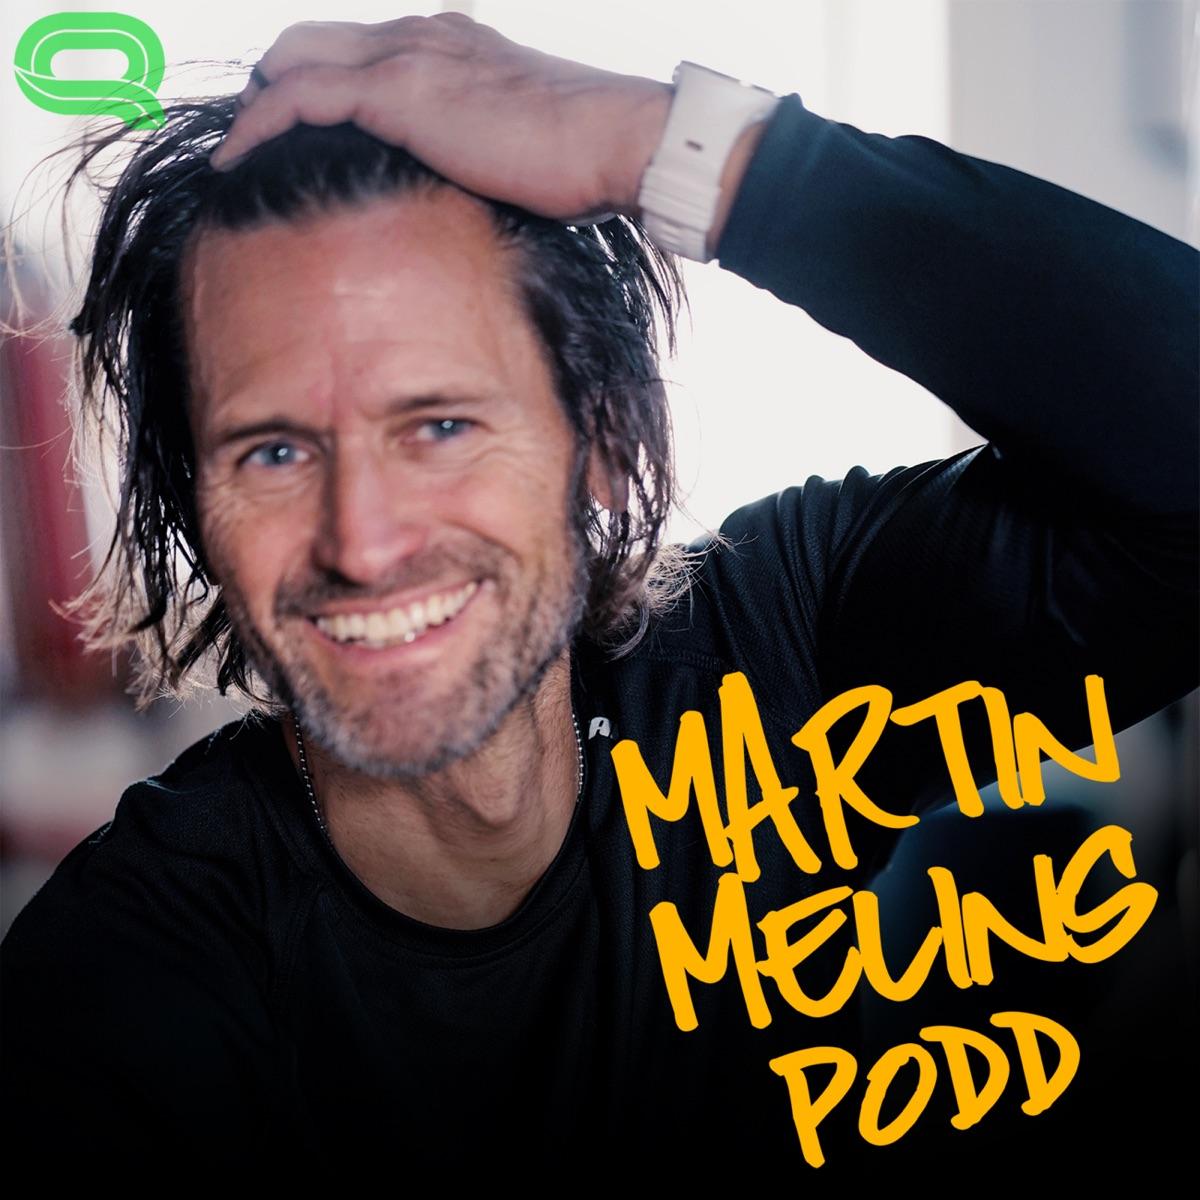 Martin Melins podd